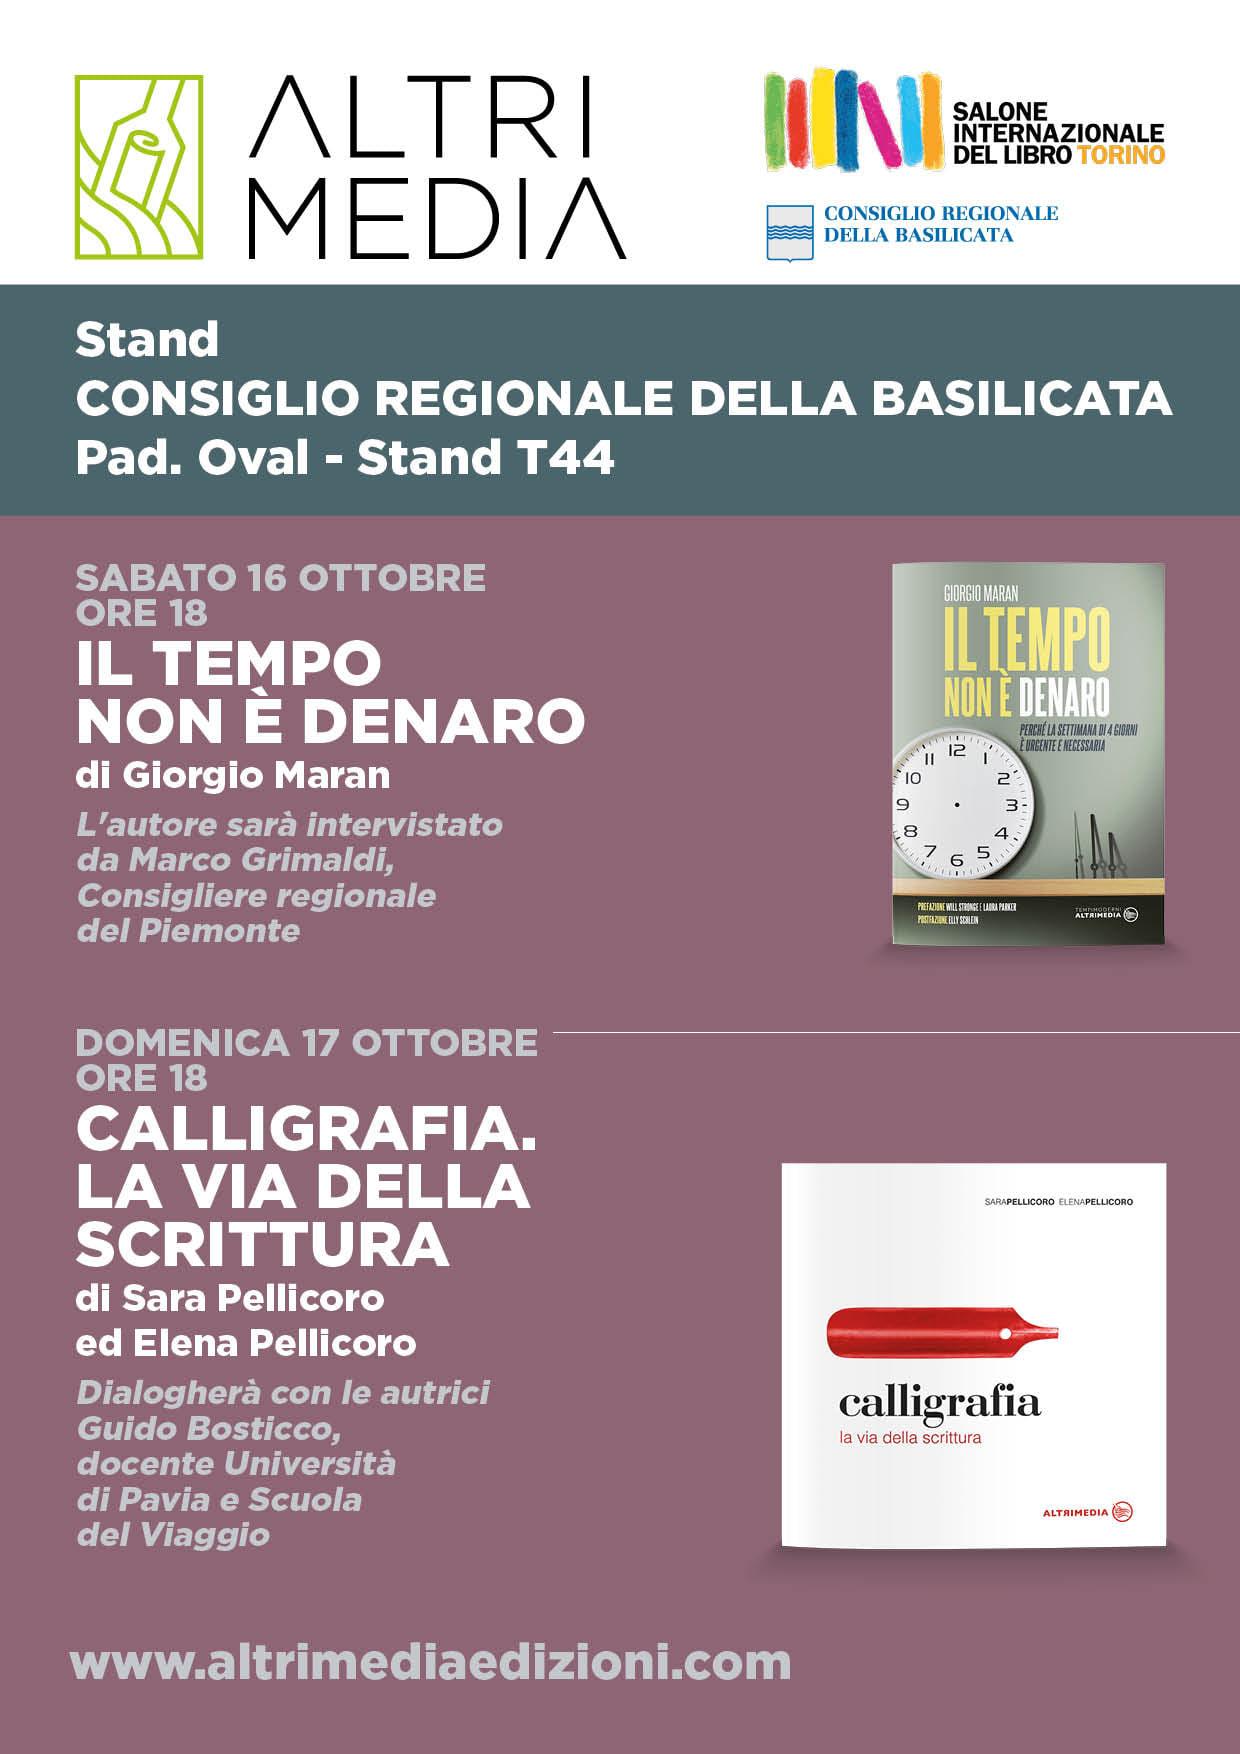 Altrimedia Edizioni al Salone Internazionale del libro di Torino dal 14 al 18 ottobre